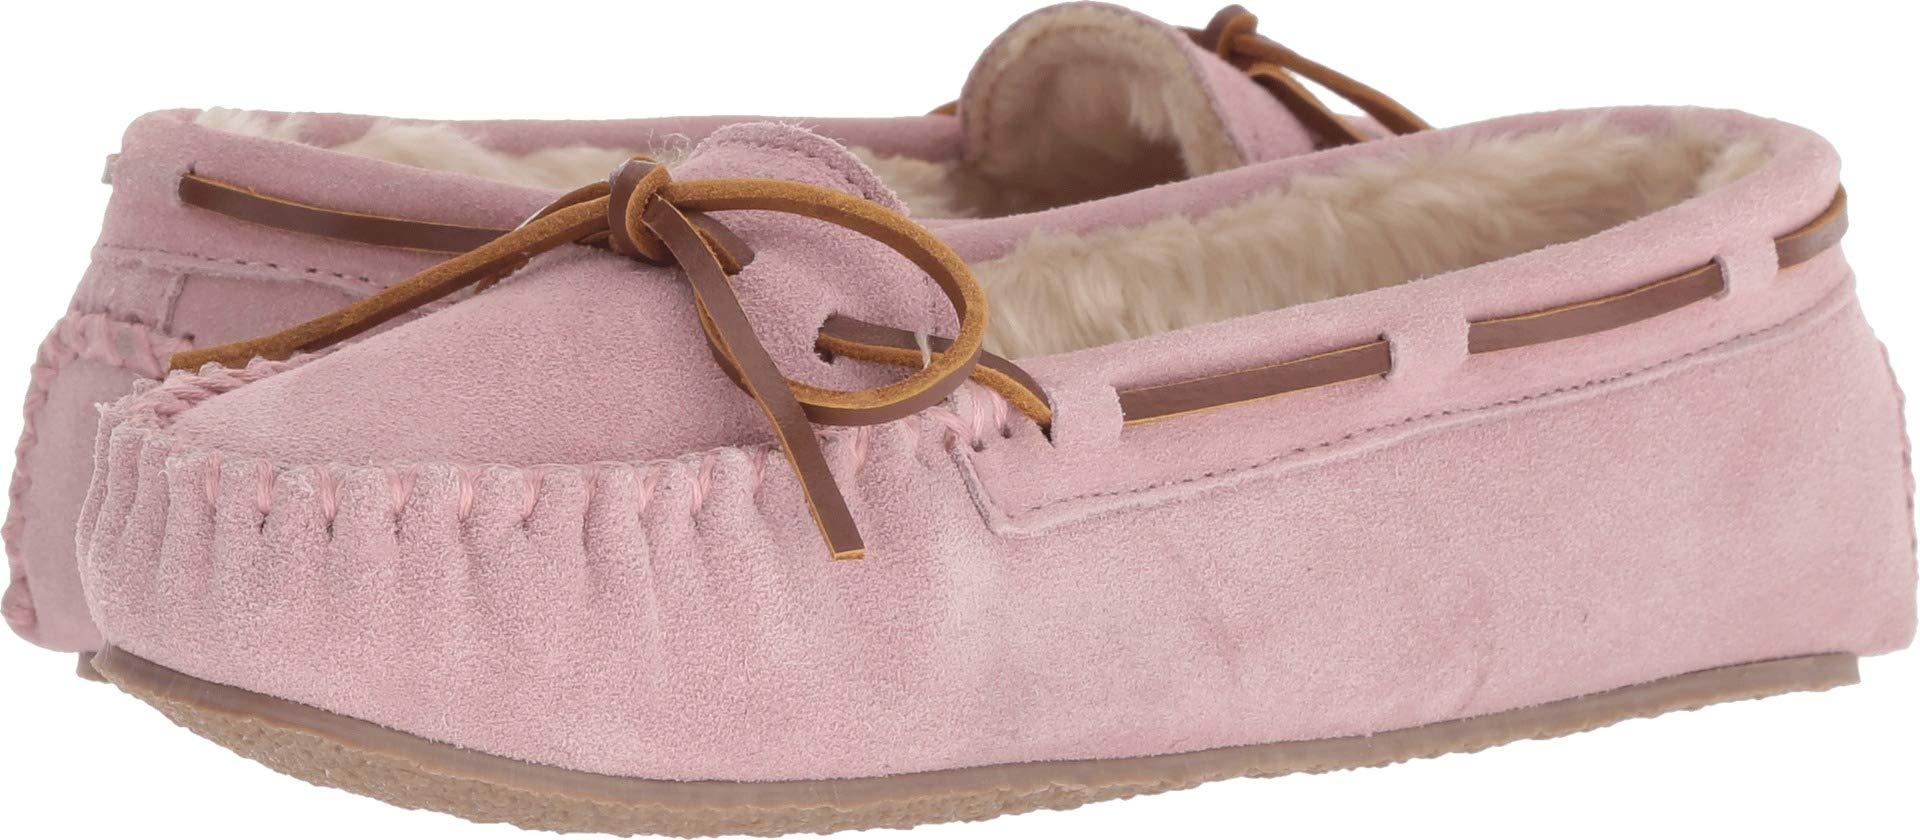 Minnetonka Womens Cally Slipper, Pink Blush, Size 6